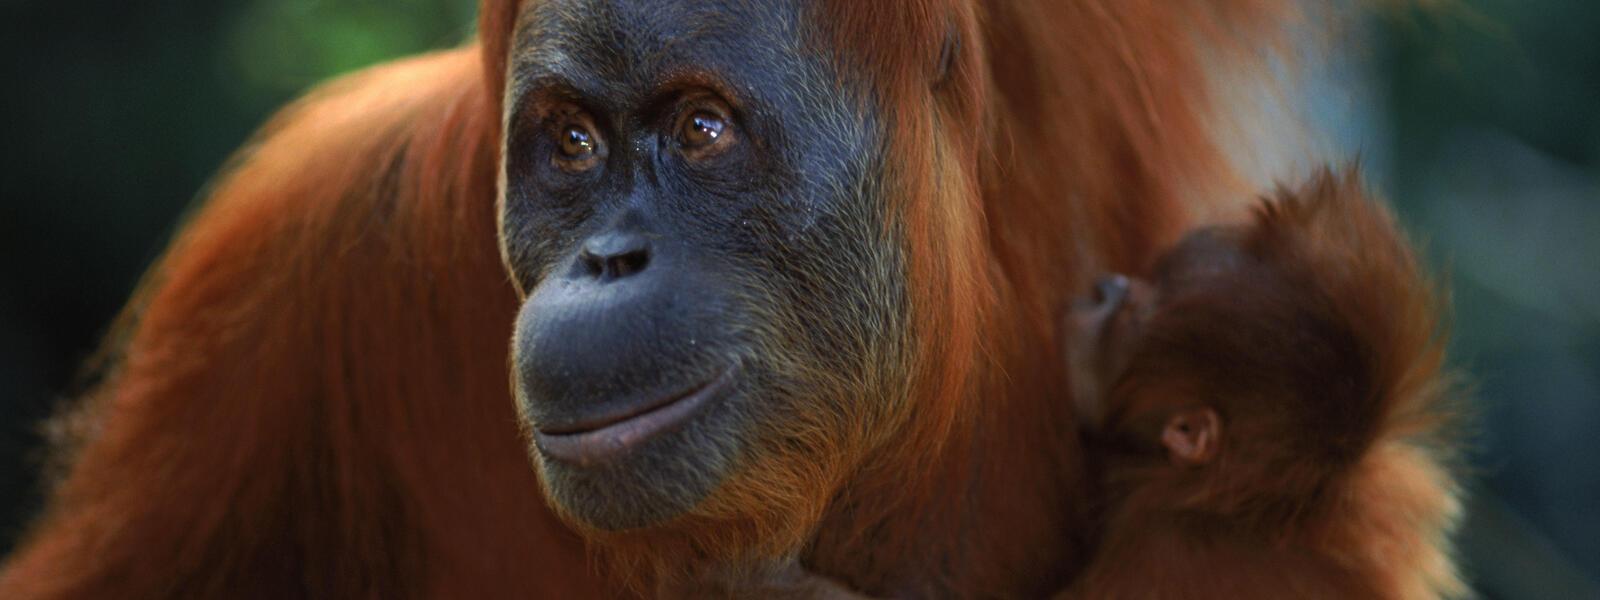 Orang Utan Sumatra | Foto: WWF/Anup Shah